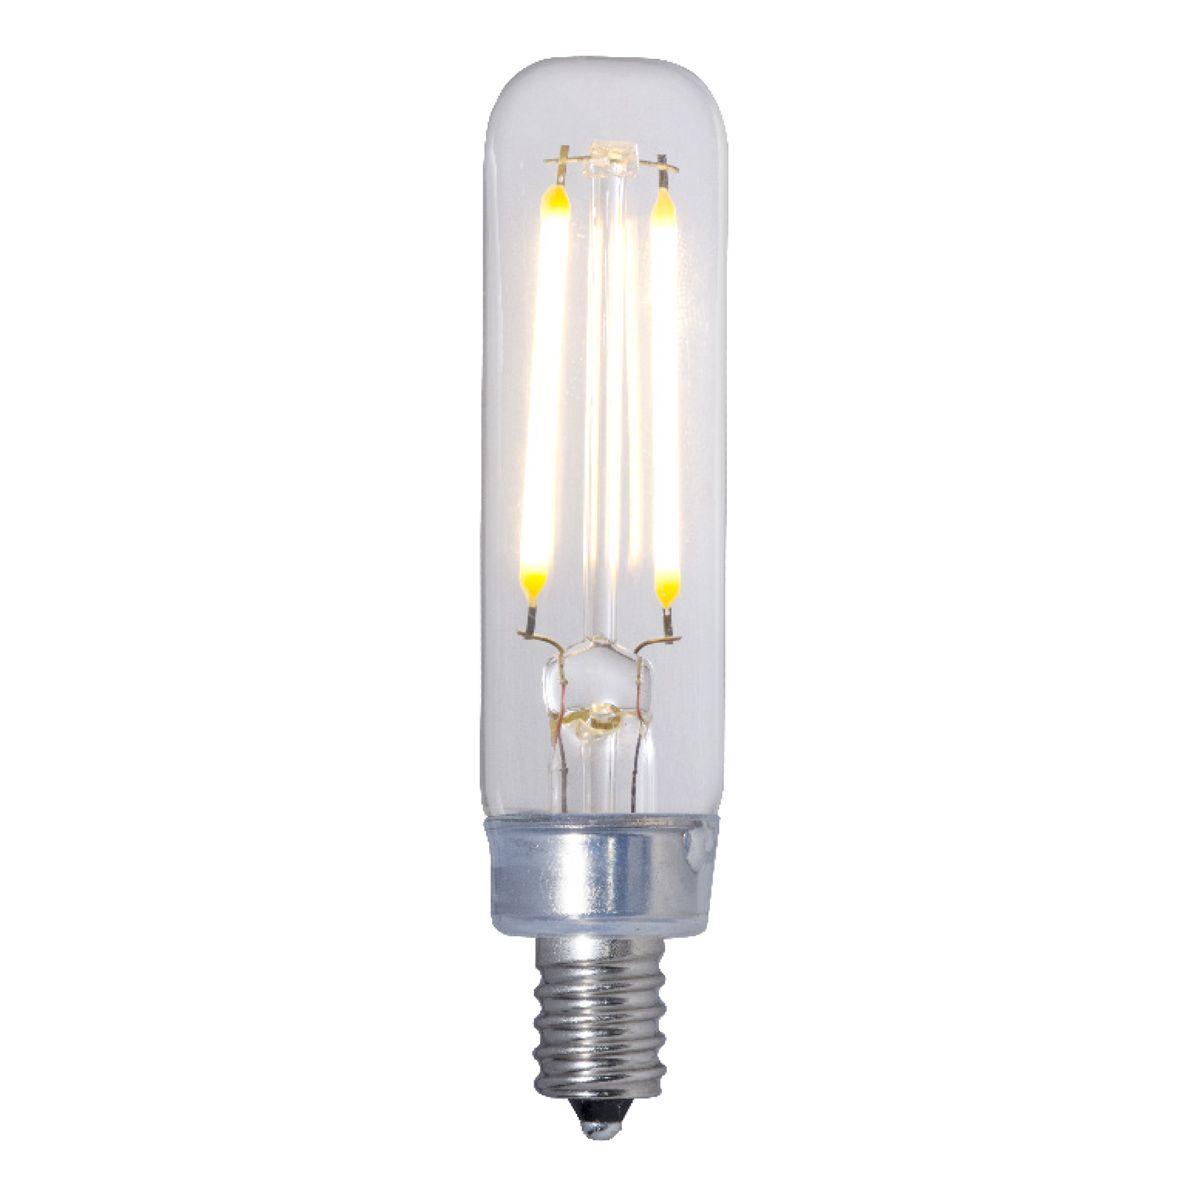 Led Tube Candelabra Bulb Led Tubes Light Accessories